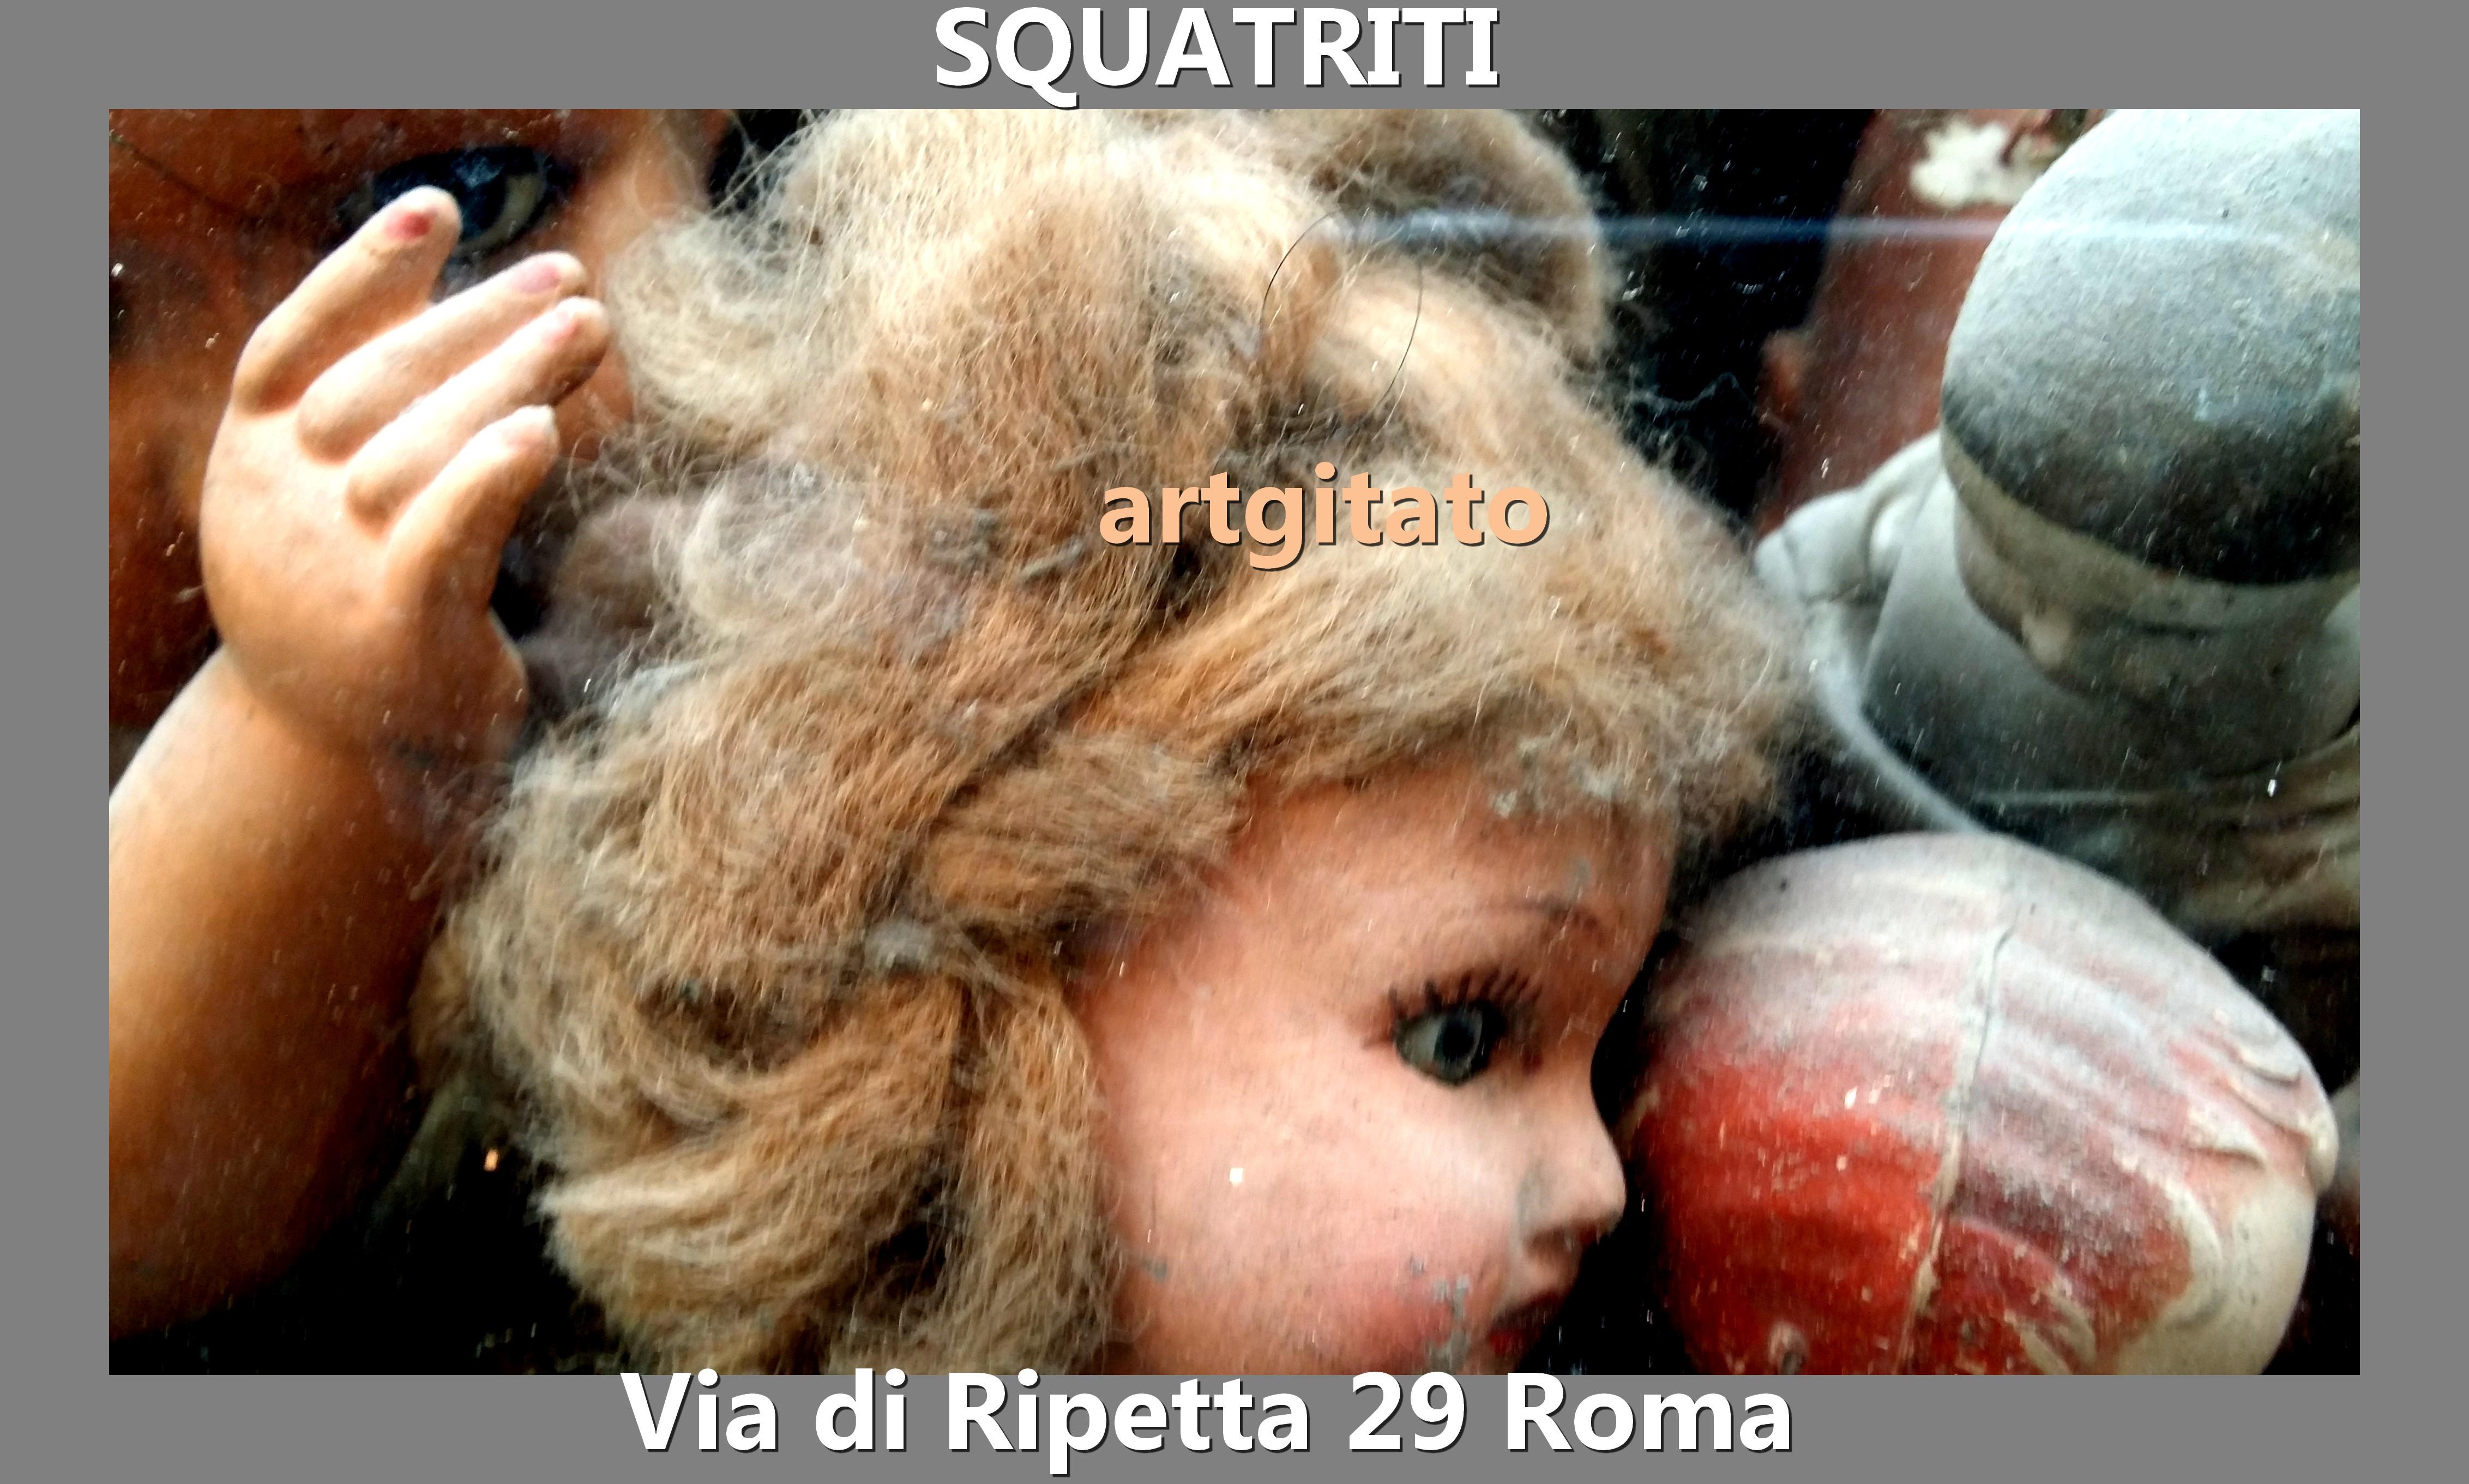 Via di Ripetta Squatriti Restaurateur de Poupée artgitato 10